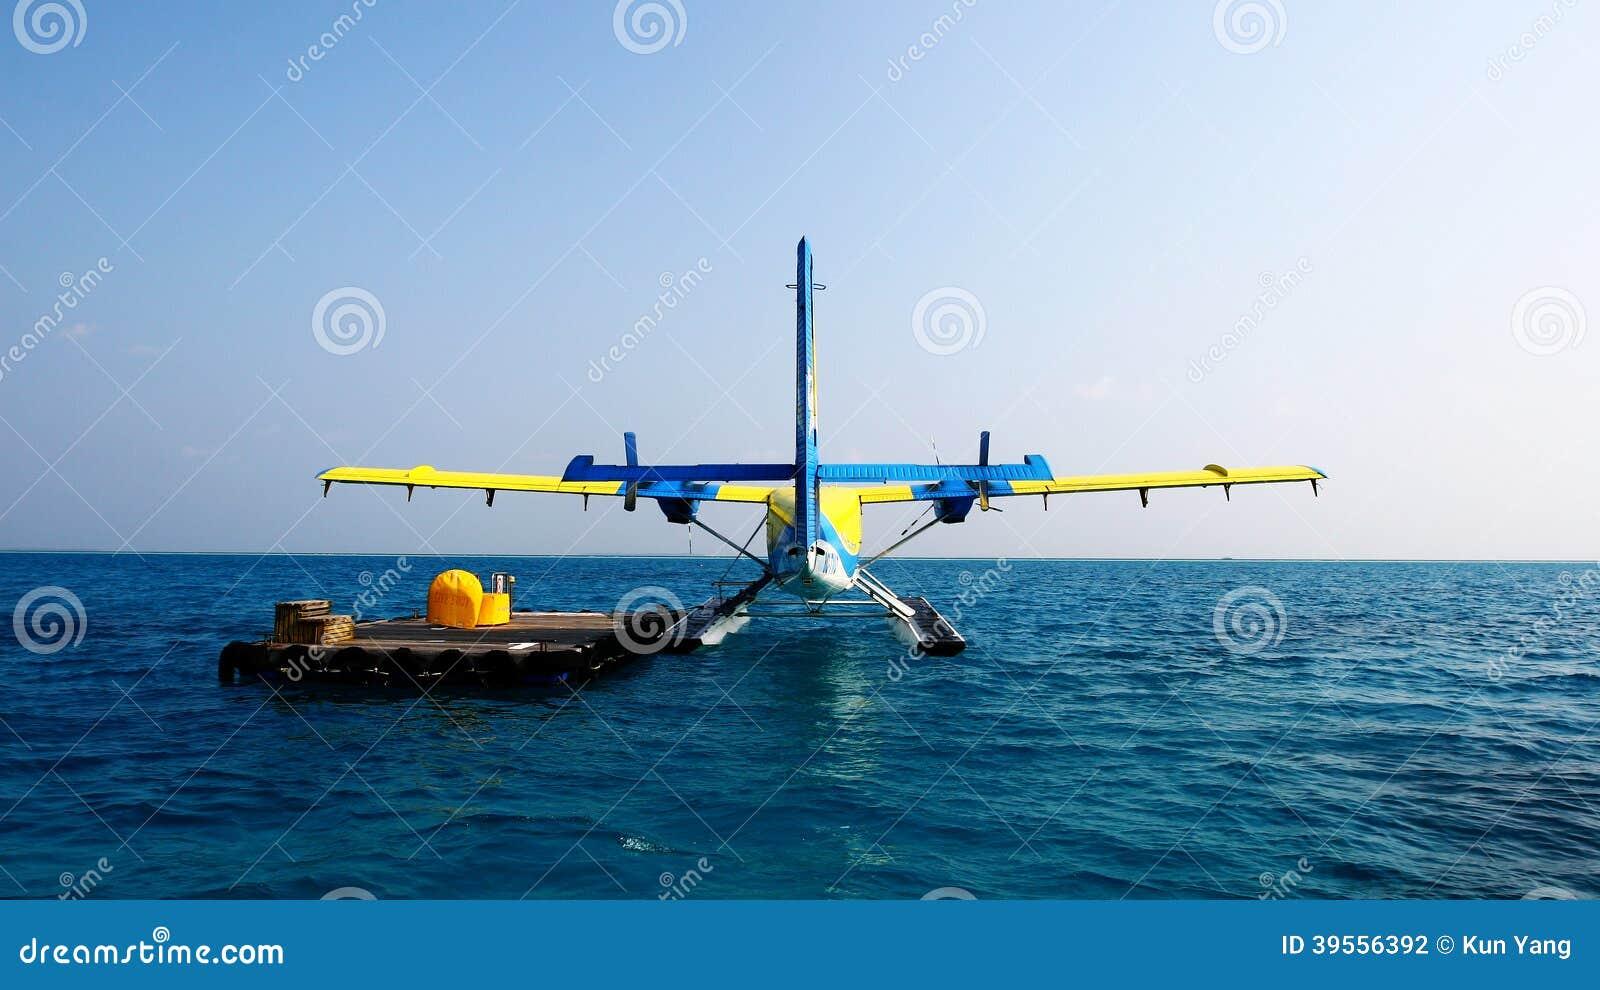 马尔代夫水上飞机 图库摄影片